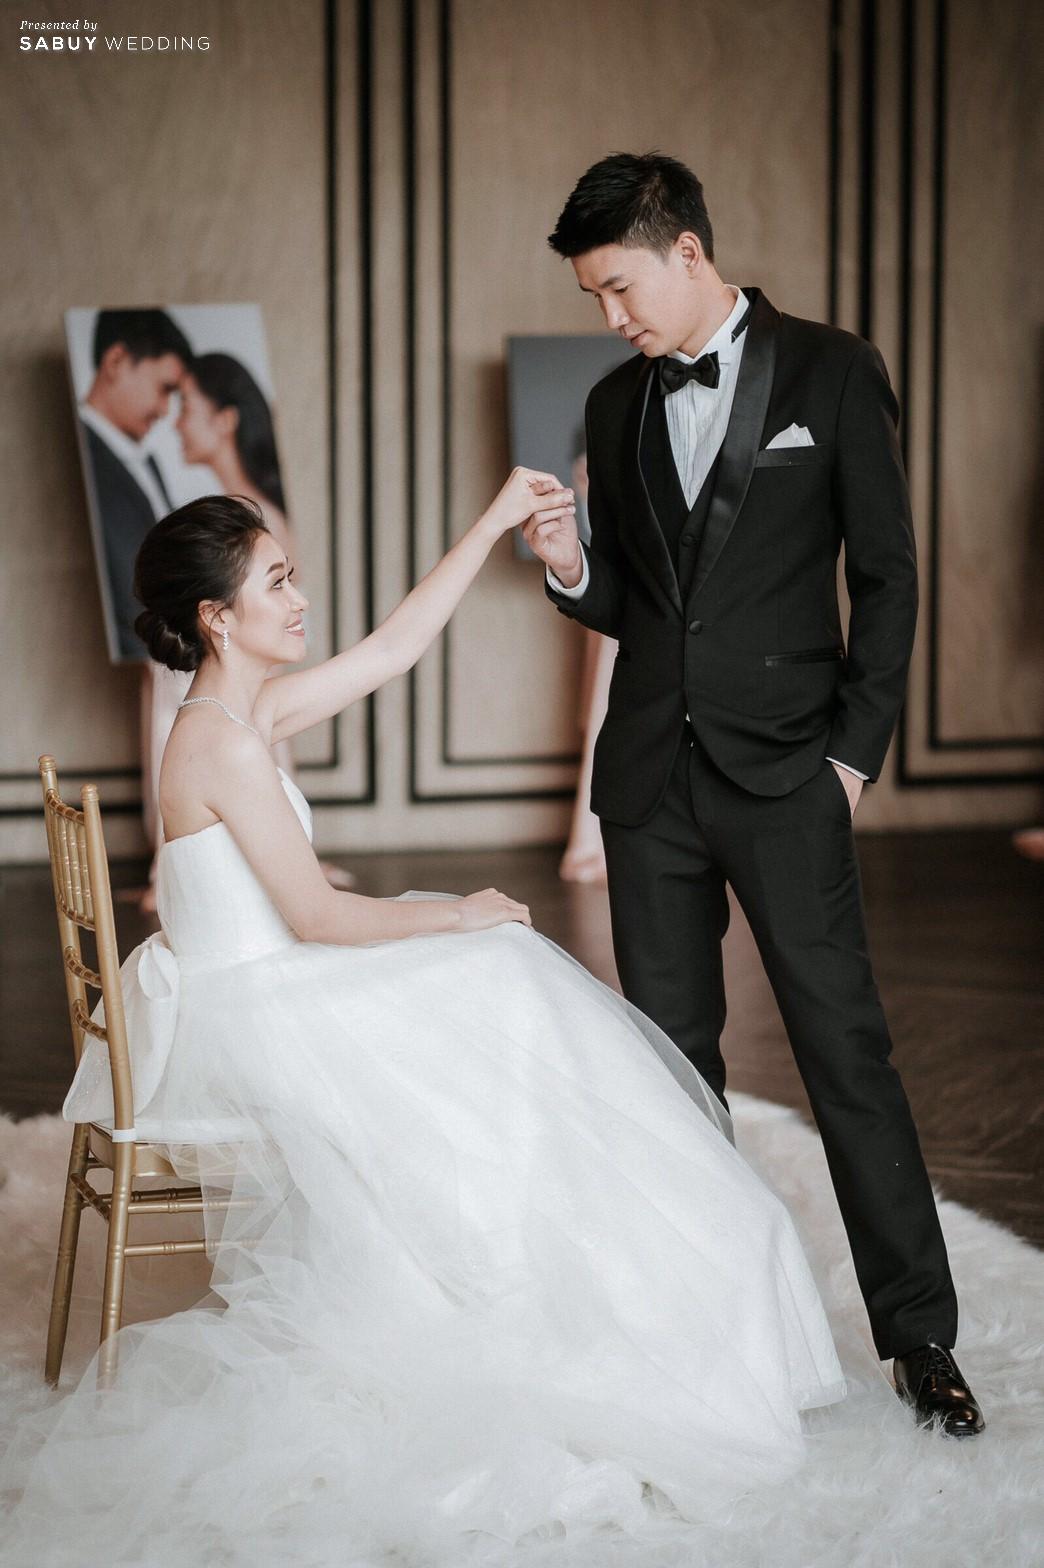 เจ้าสาว,ชุดแต่งงาน,เจ้าบ่าว รีวิวงานแต่ง Backdrop สวนสวย ด้วยห้องจัดเลี้ยงแสงธรรมชาติ @ Bliston Suwan Park View Hotel